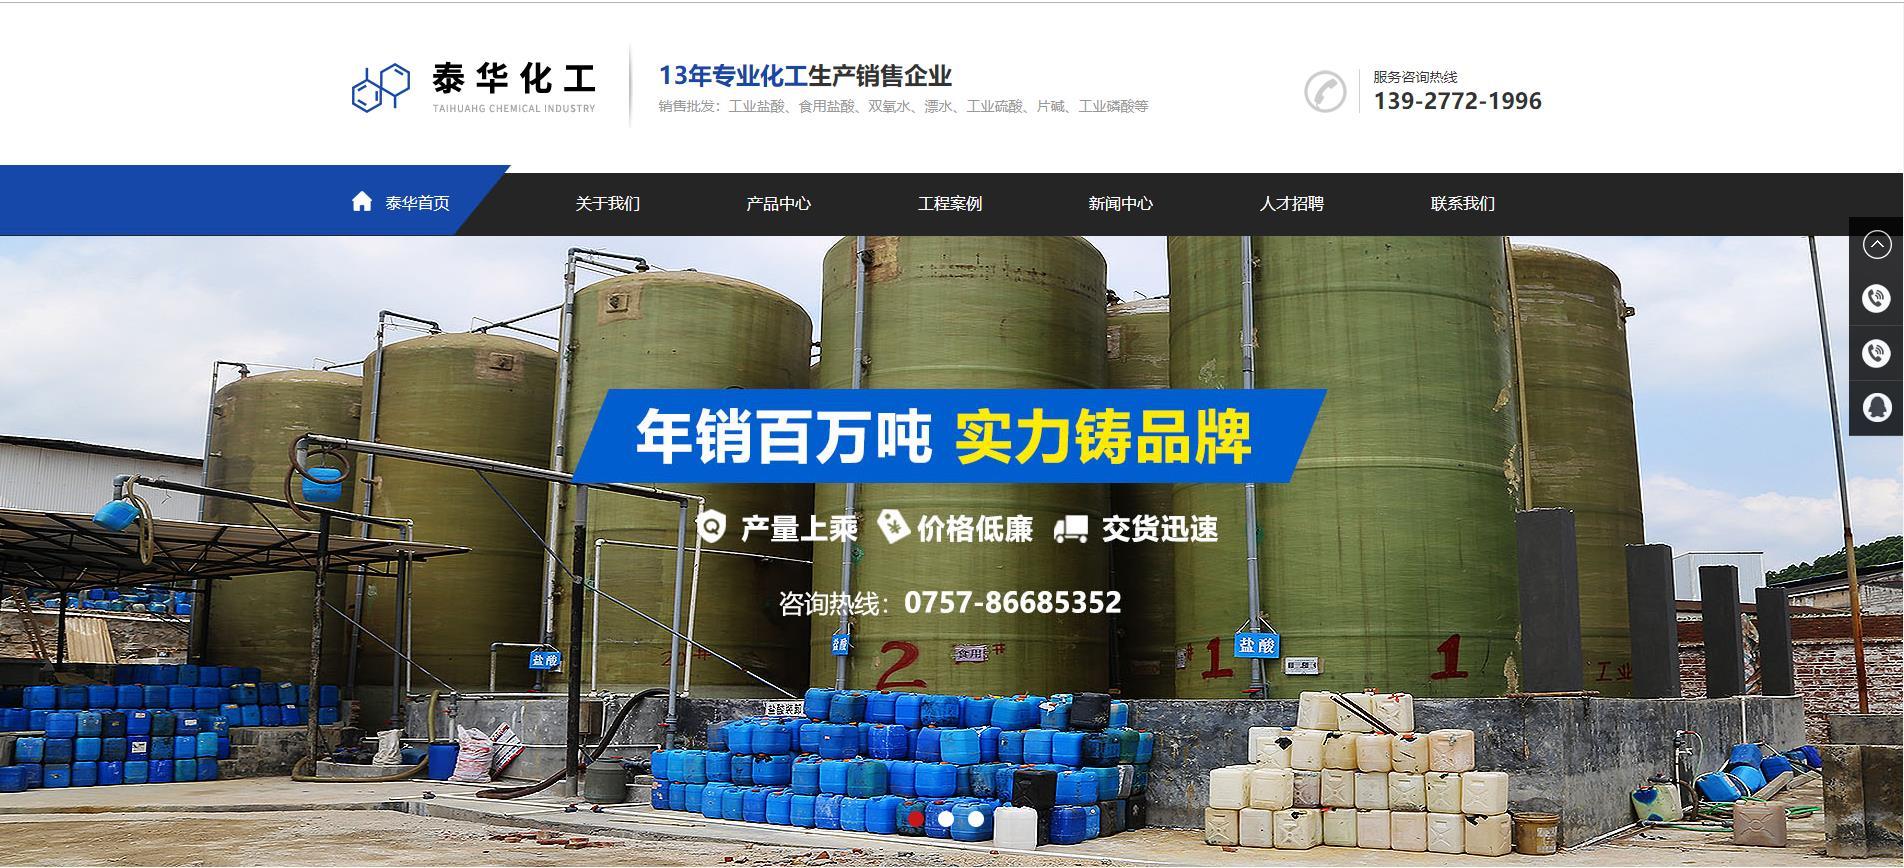 肇庆市高要区泰华化工有限公司